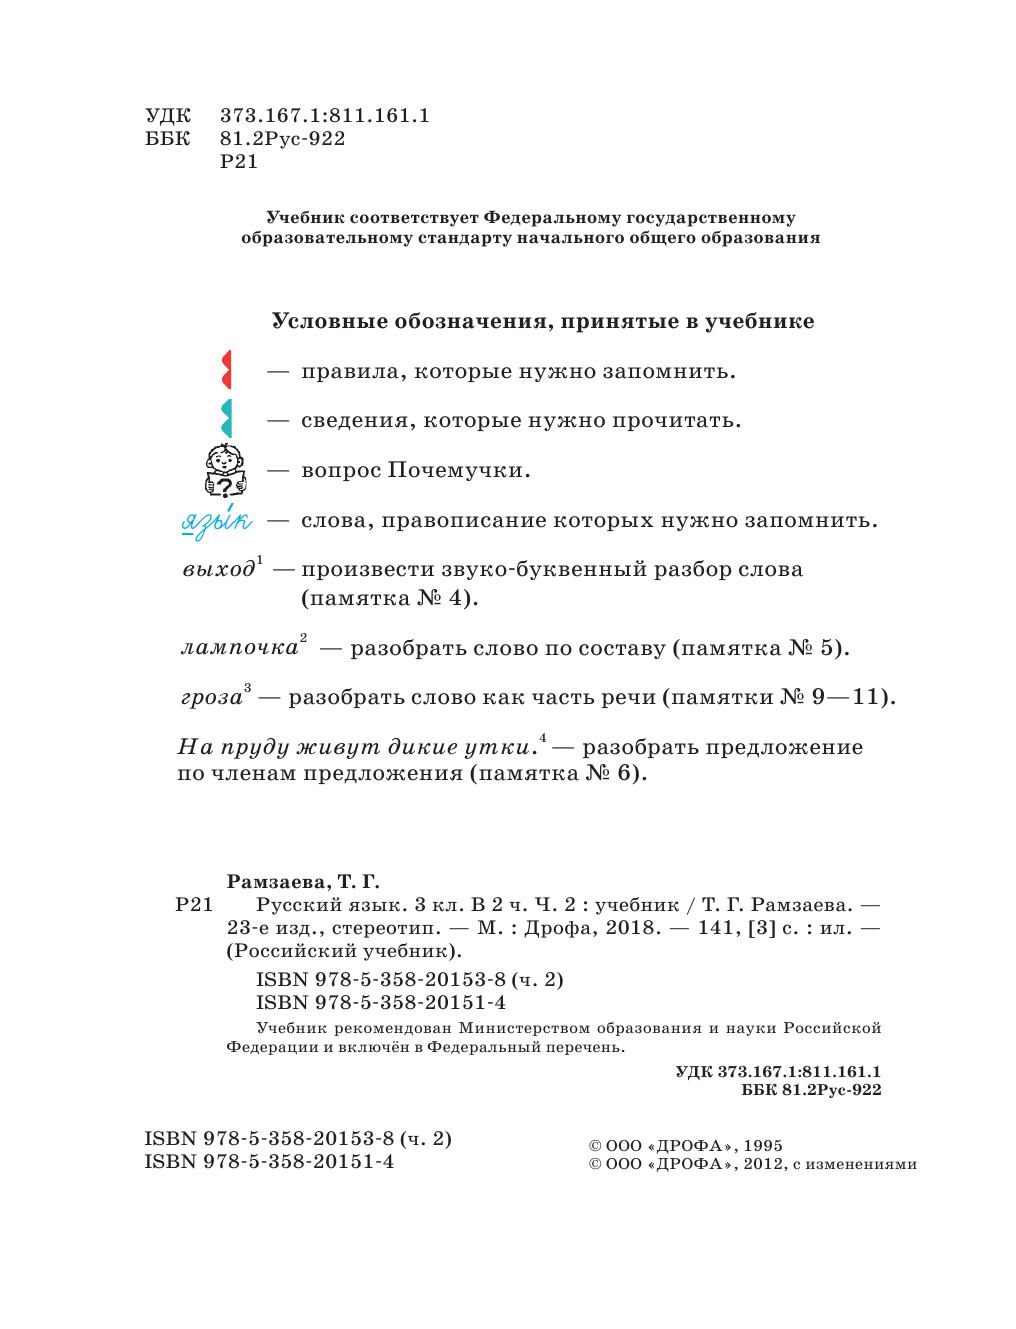 Www.drofa.ru русский язык 3 класс рамзаева